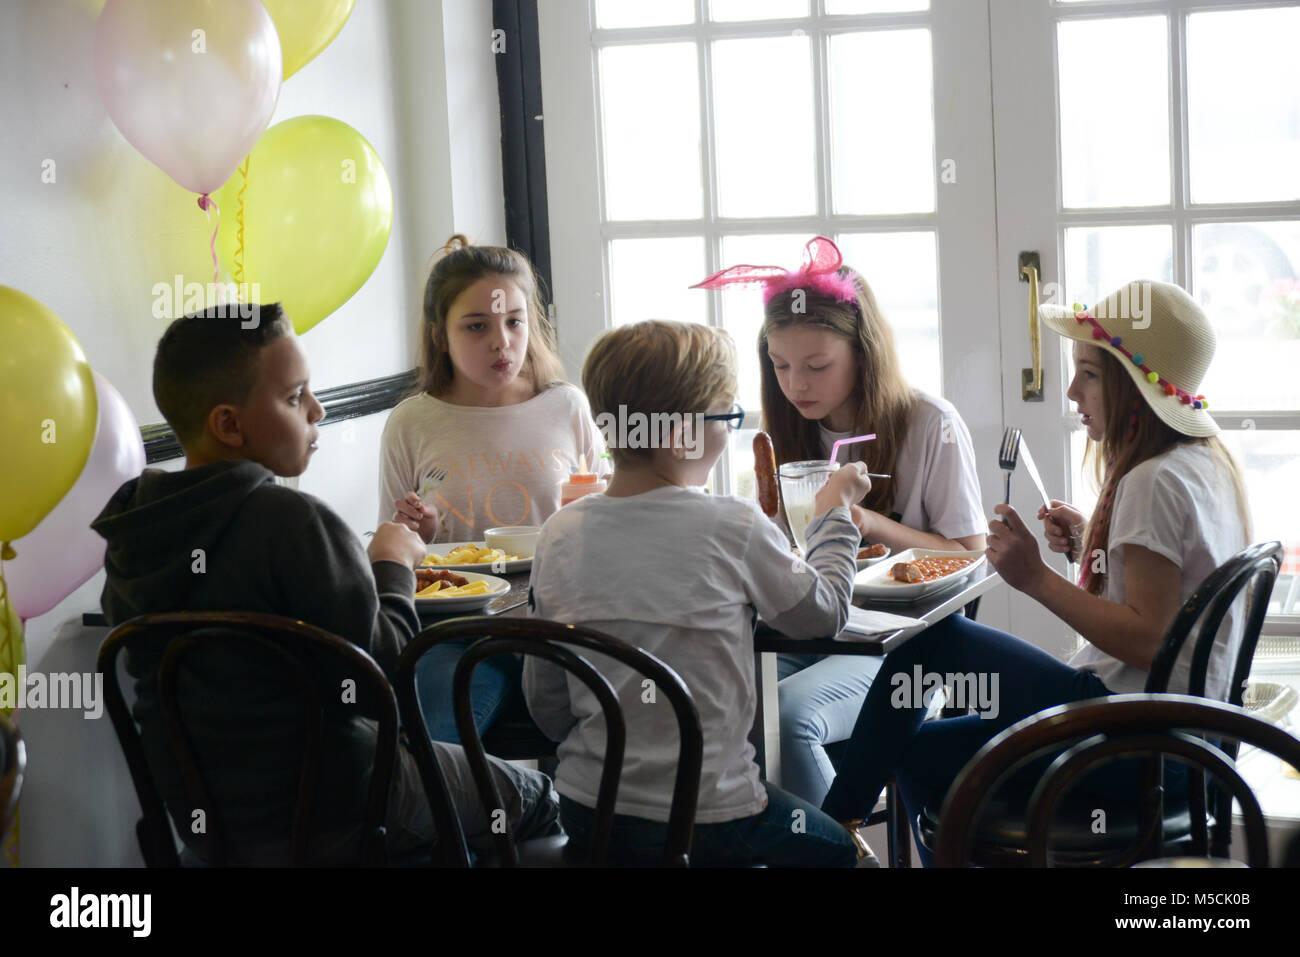 Fünf junge Kinder sitzen auf einer Party Tisch essen gebratene Nahrung und trinken Milchshakes - es gibt Ballons Stockbild